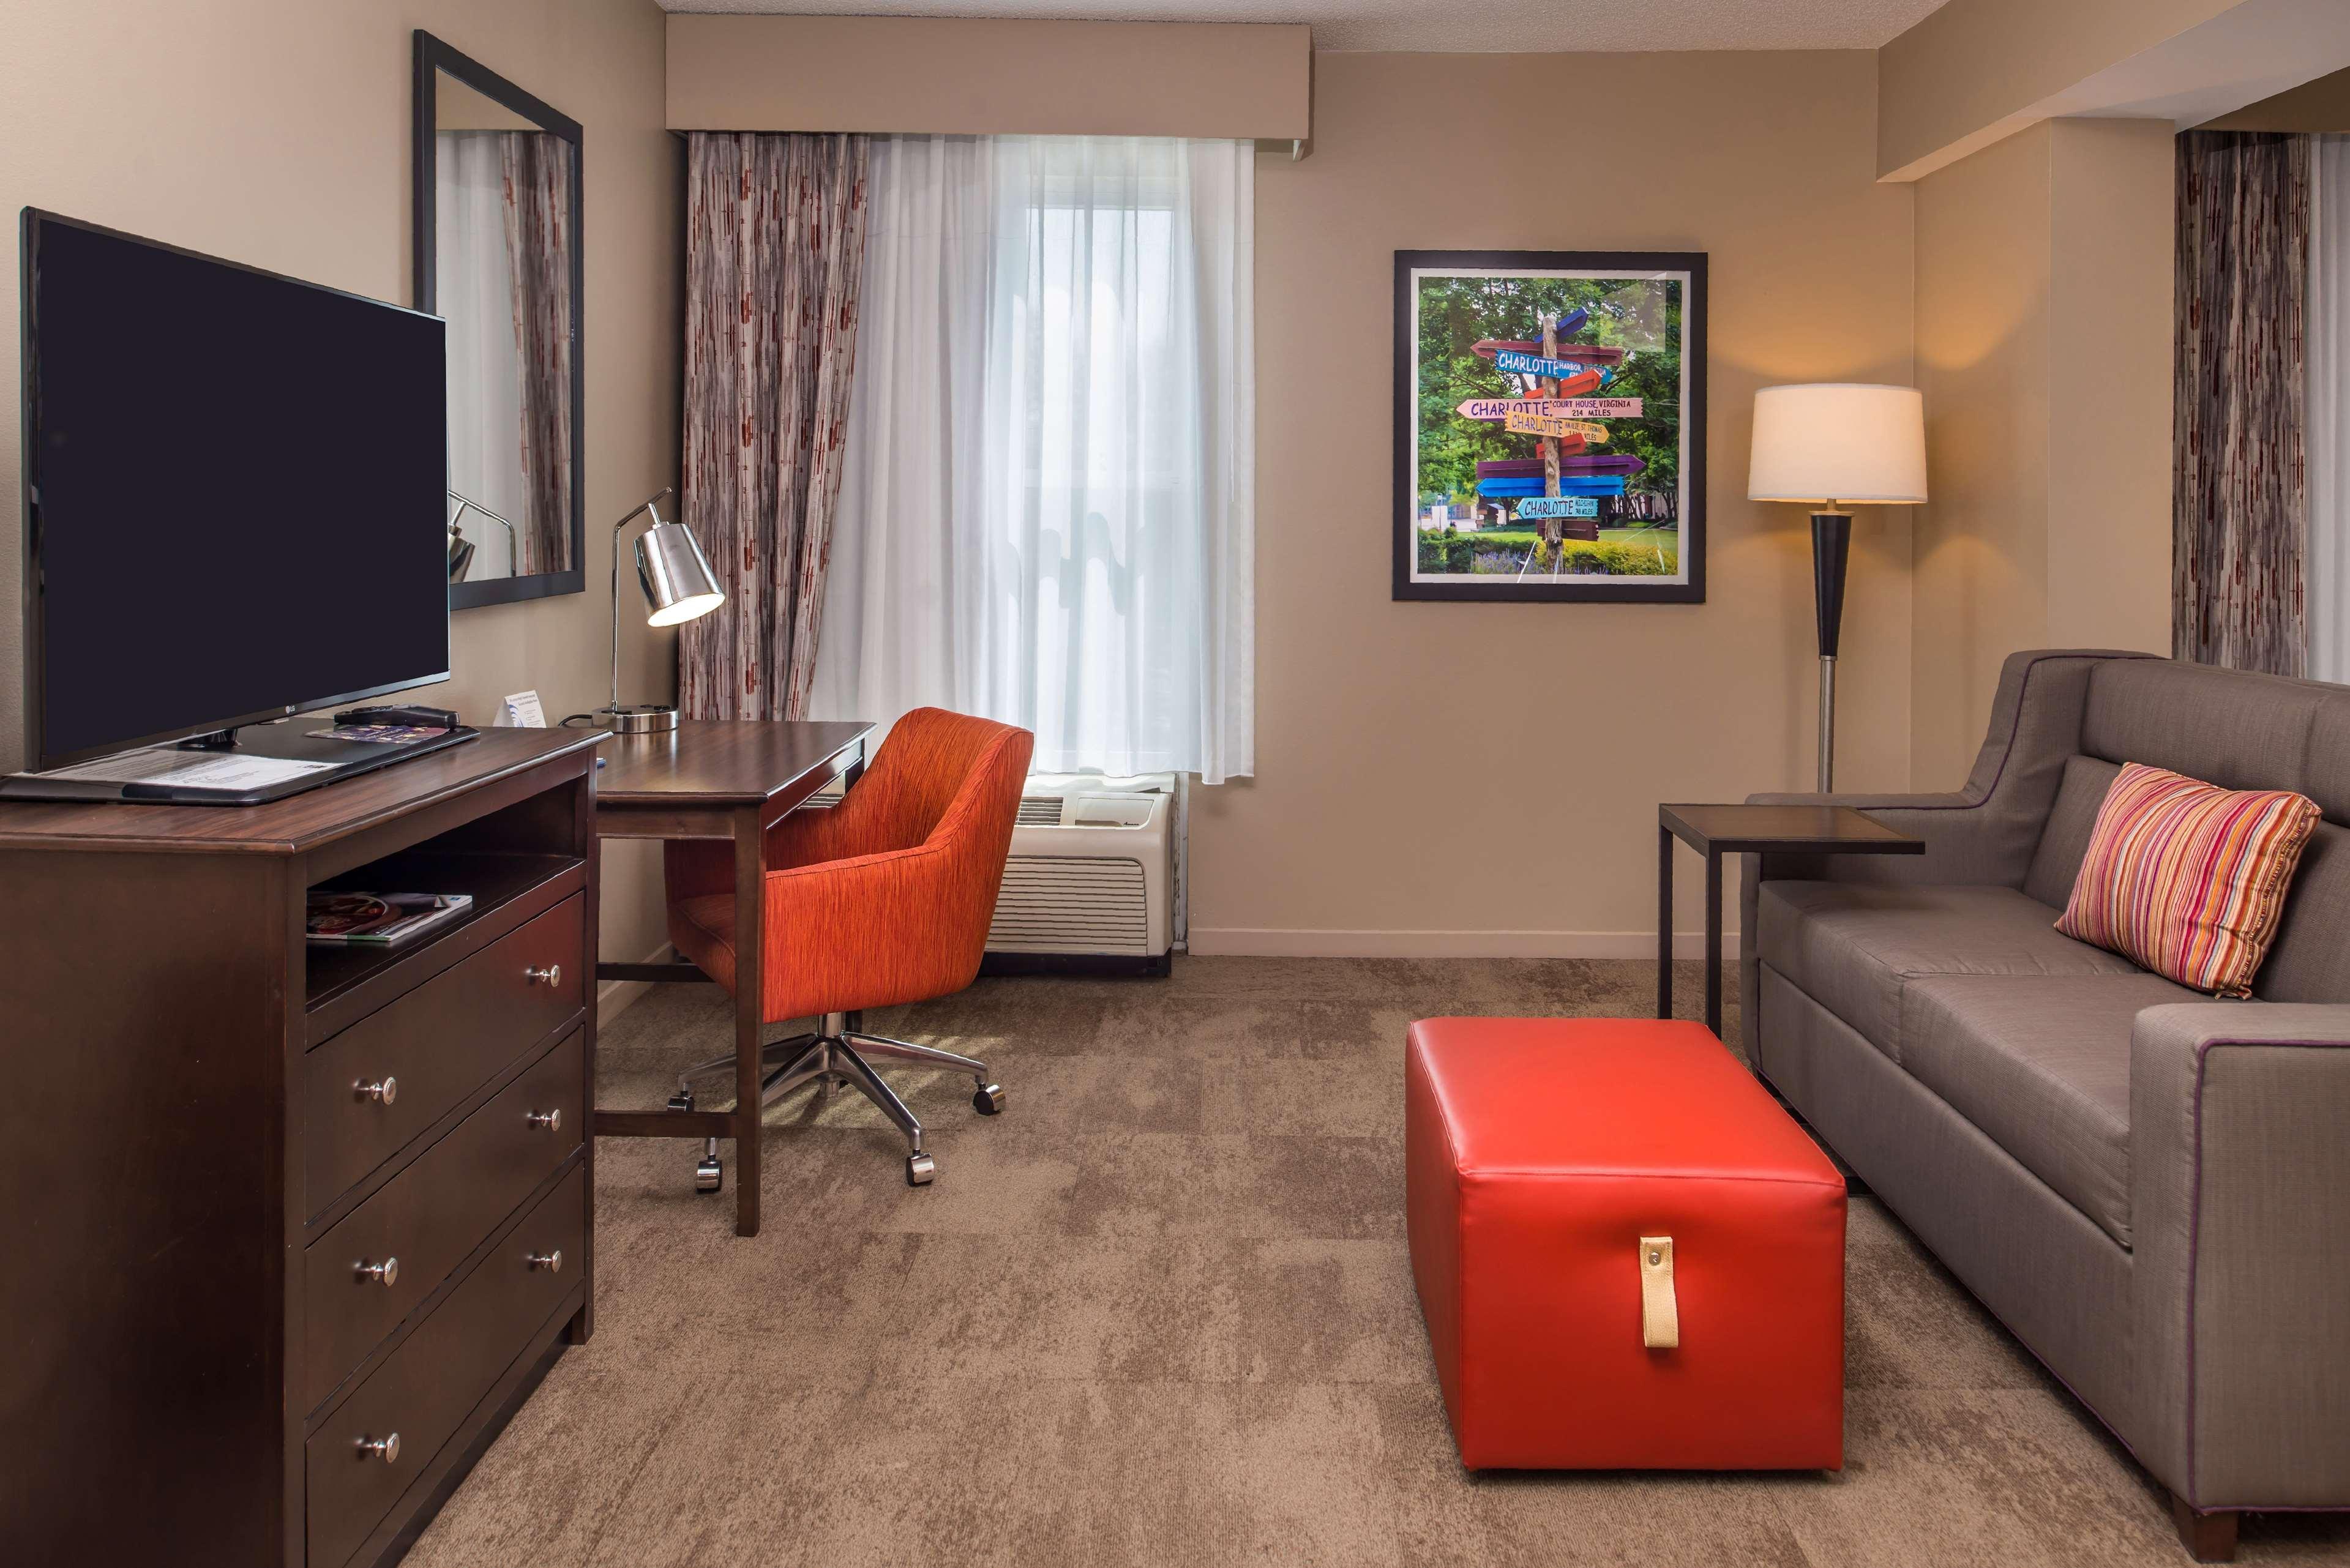 Hampton Inn & Suites Charlotte-Arrowood Rd. image 42